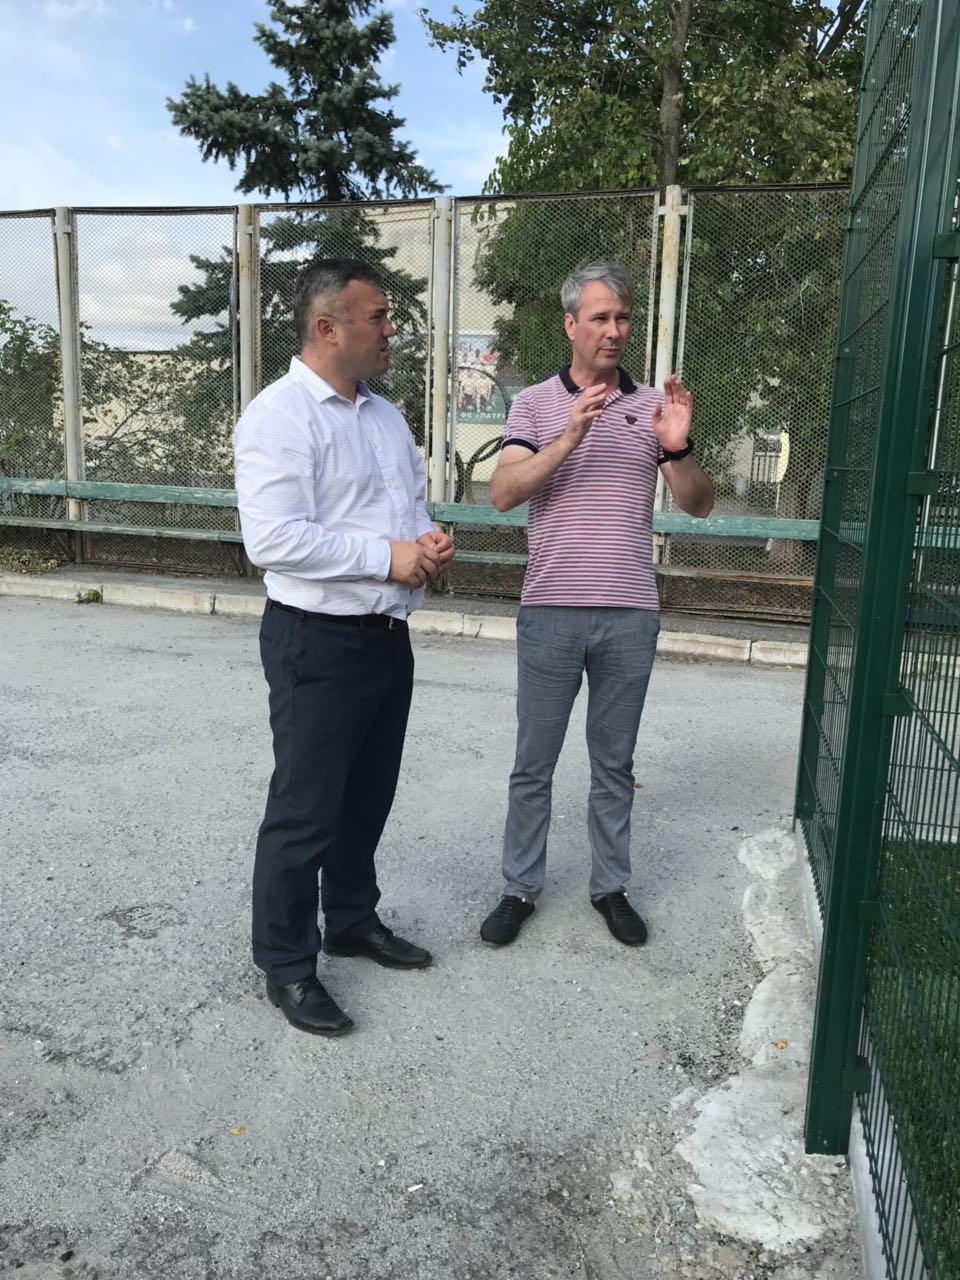 У Баришивці незабаром відкриття міні-футбольного поля -  - zobrazhennya viber 2019 08 15 17 17 47 0